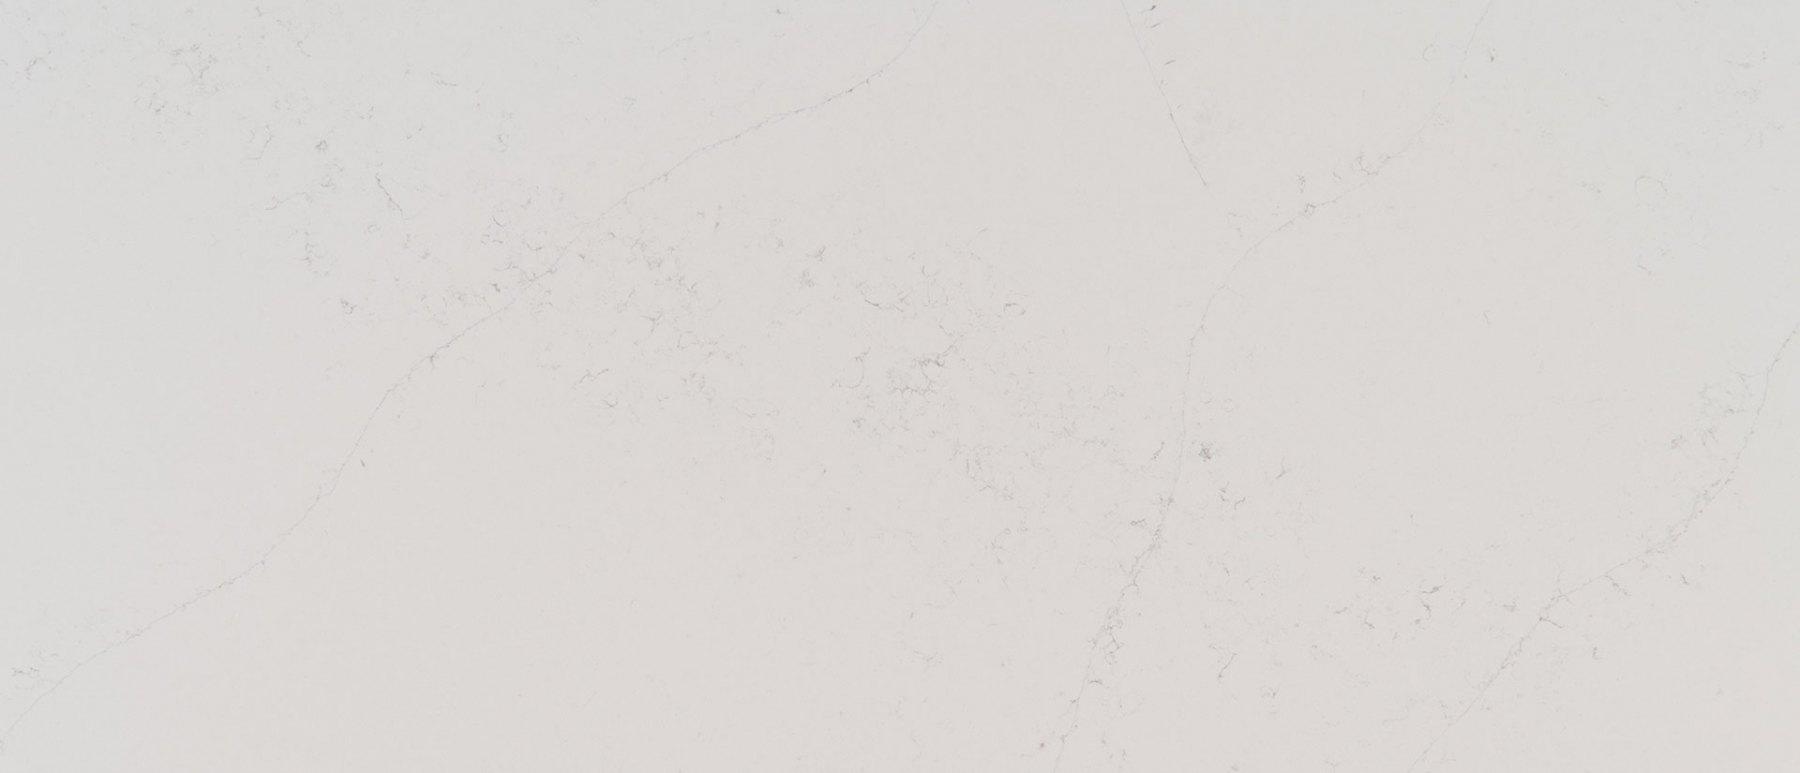 calacatta-botanica-quartz-1